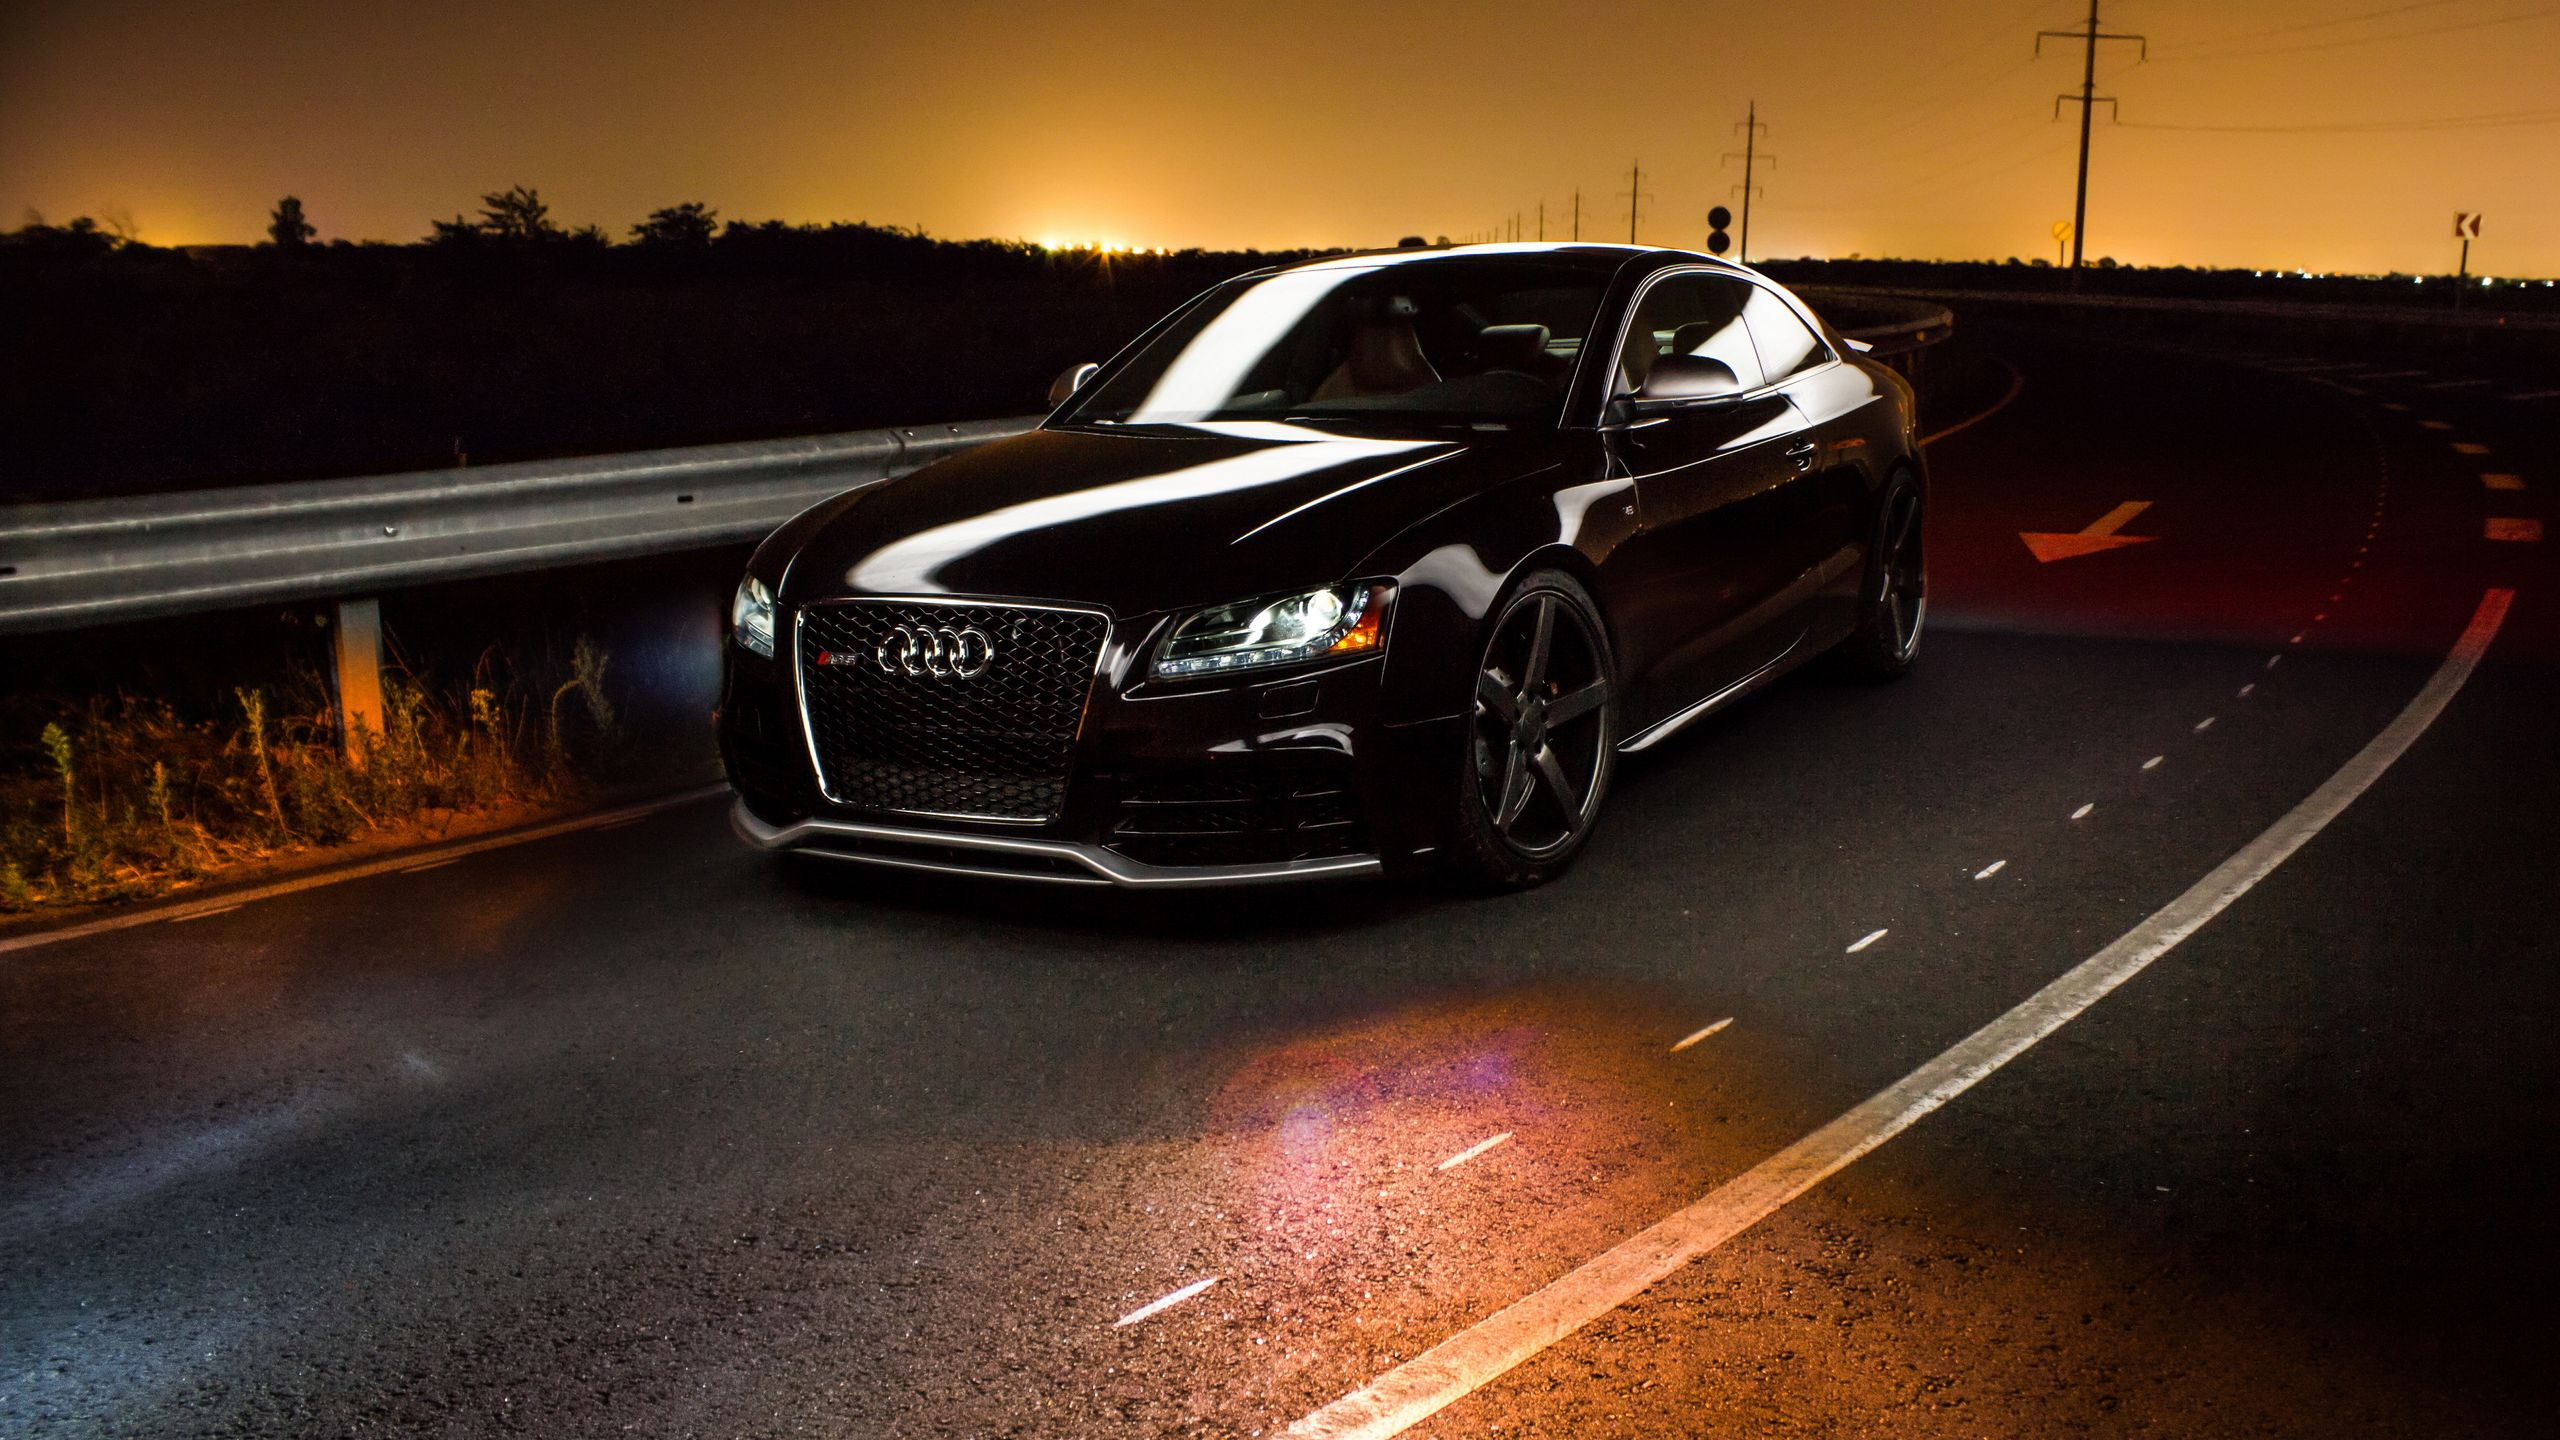 Audi Rs5 Noir Wallpaper Hd Fond D Ecran Hd